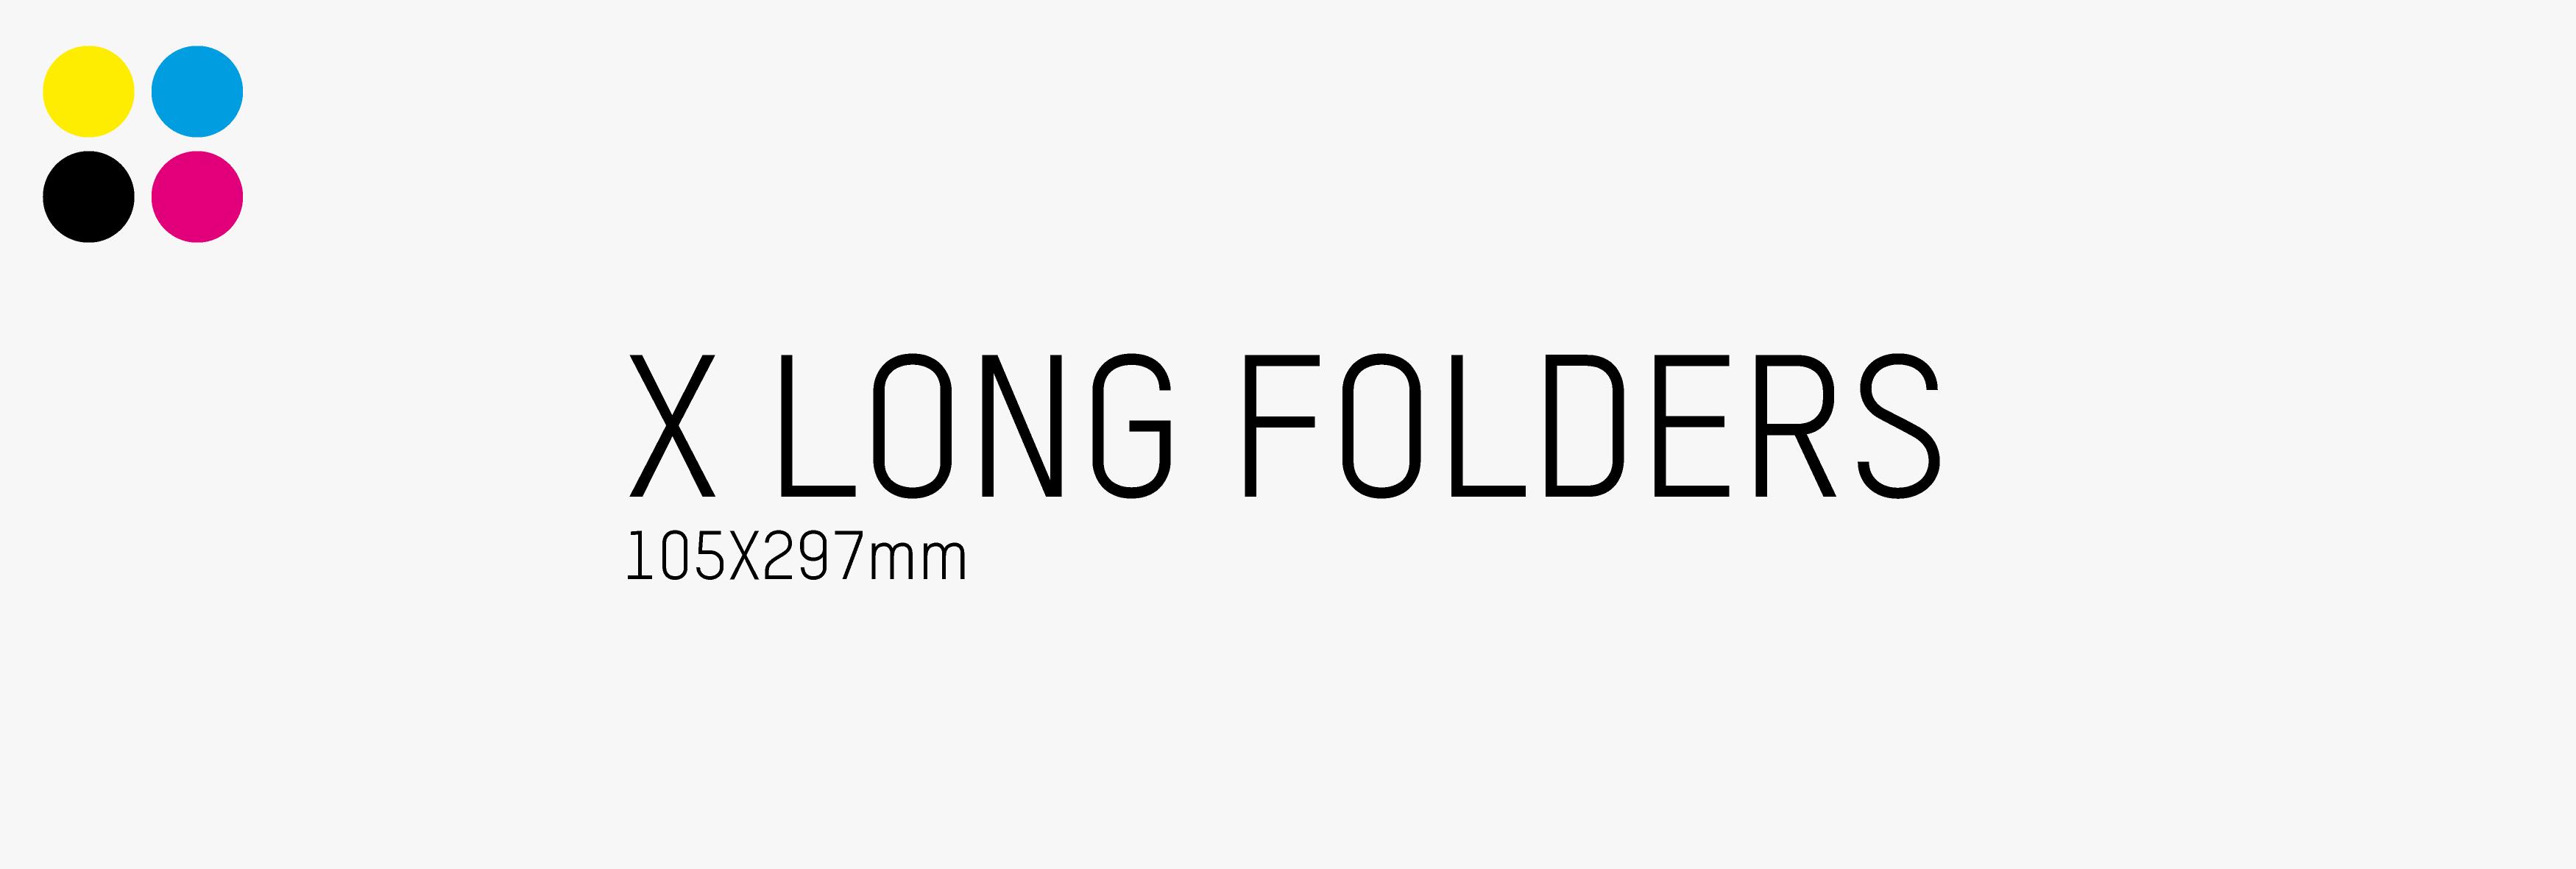 X-long-folders